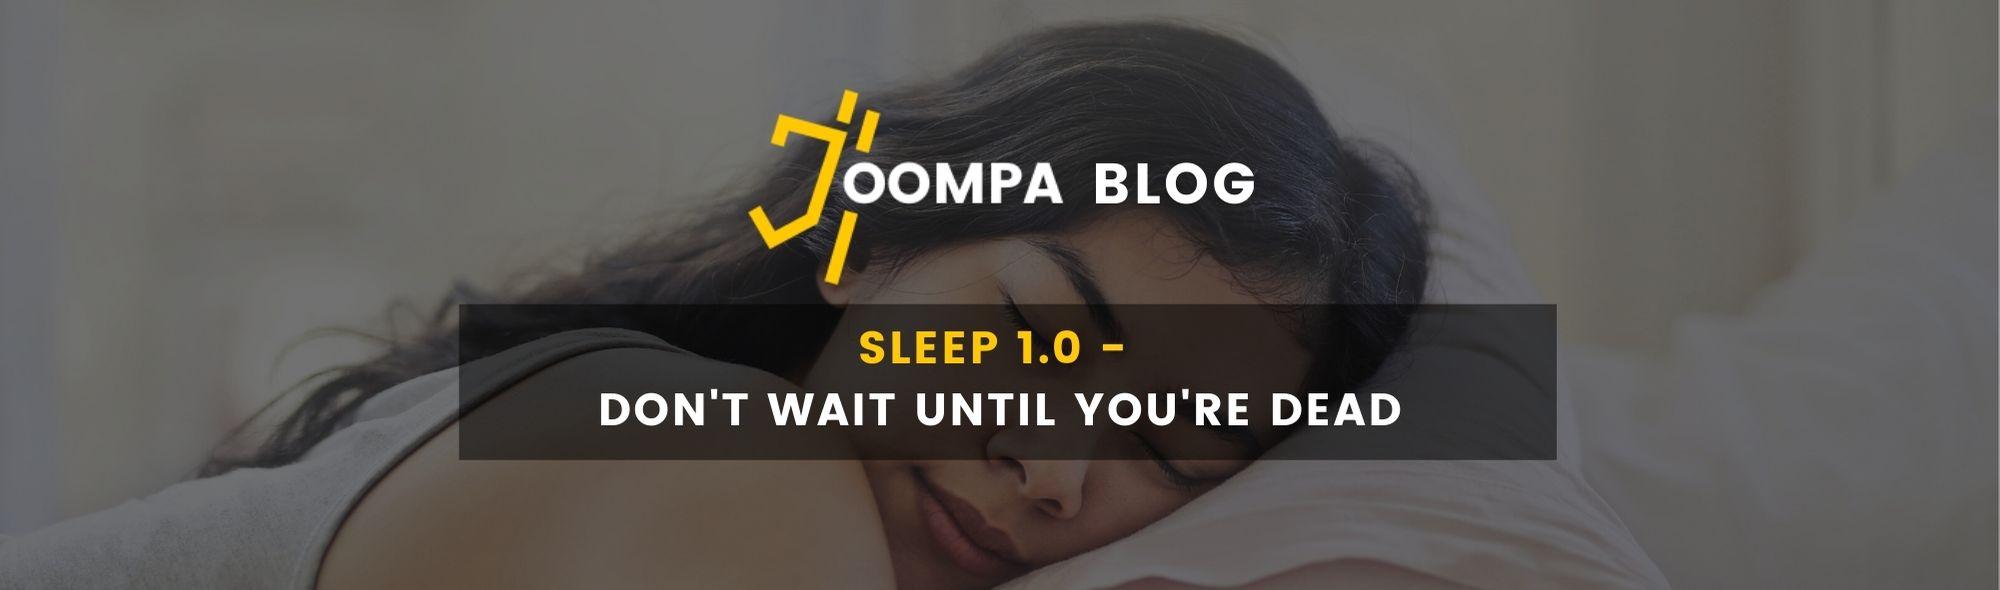 Sleep 1.0 - Don't wait until you're dead